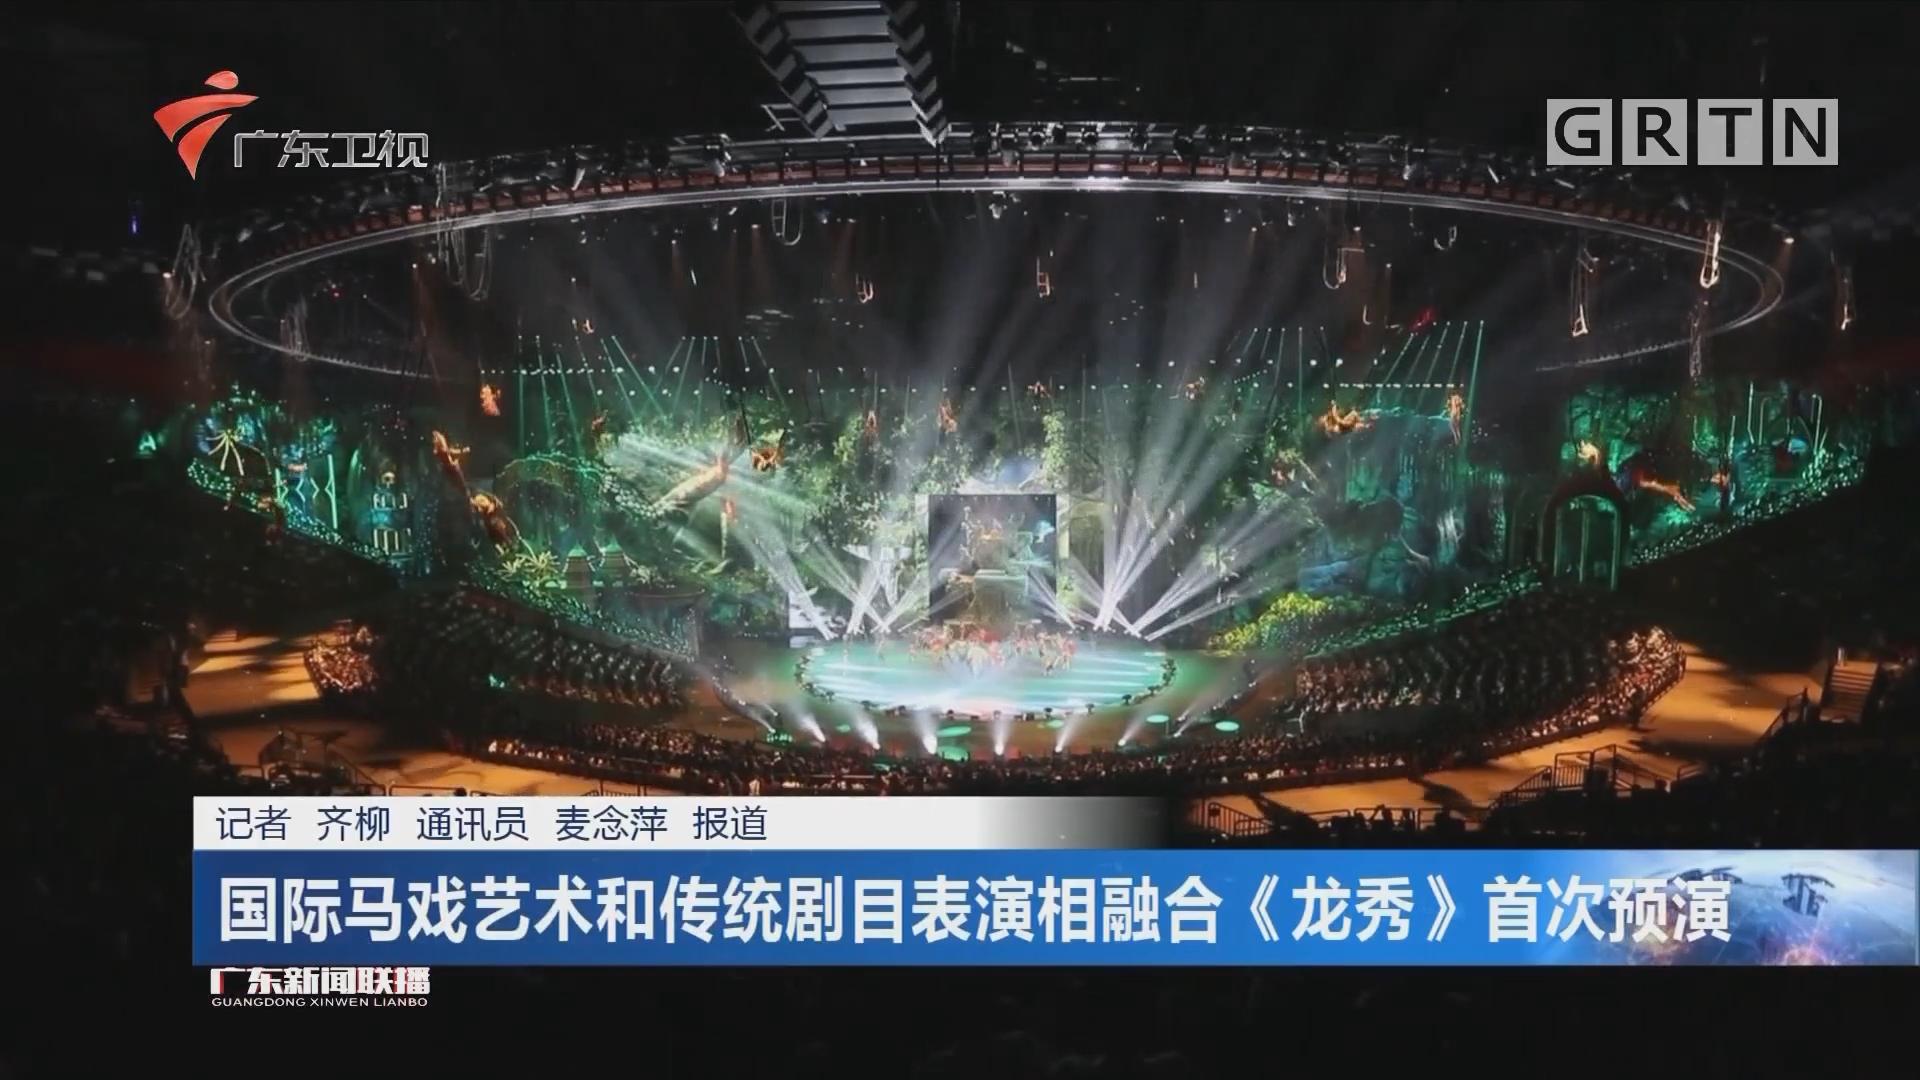 国际马戏艺术和传统剧目表演相融合《龙秀》首次预演